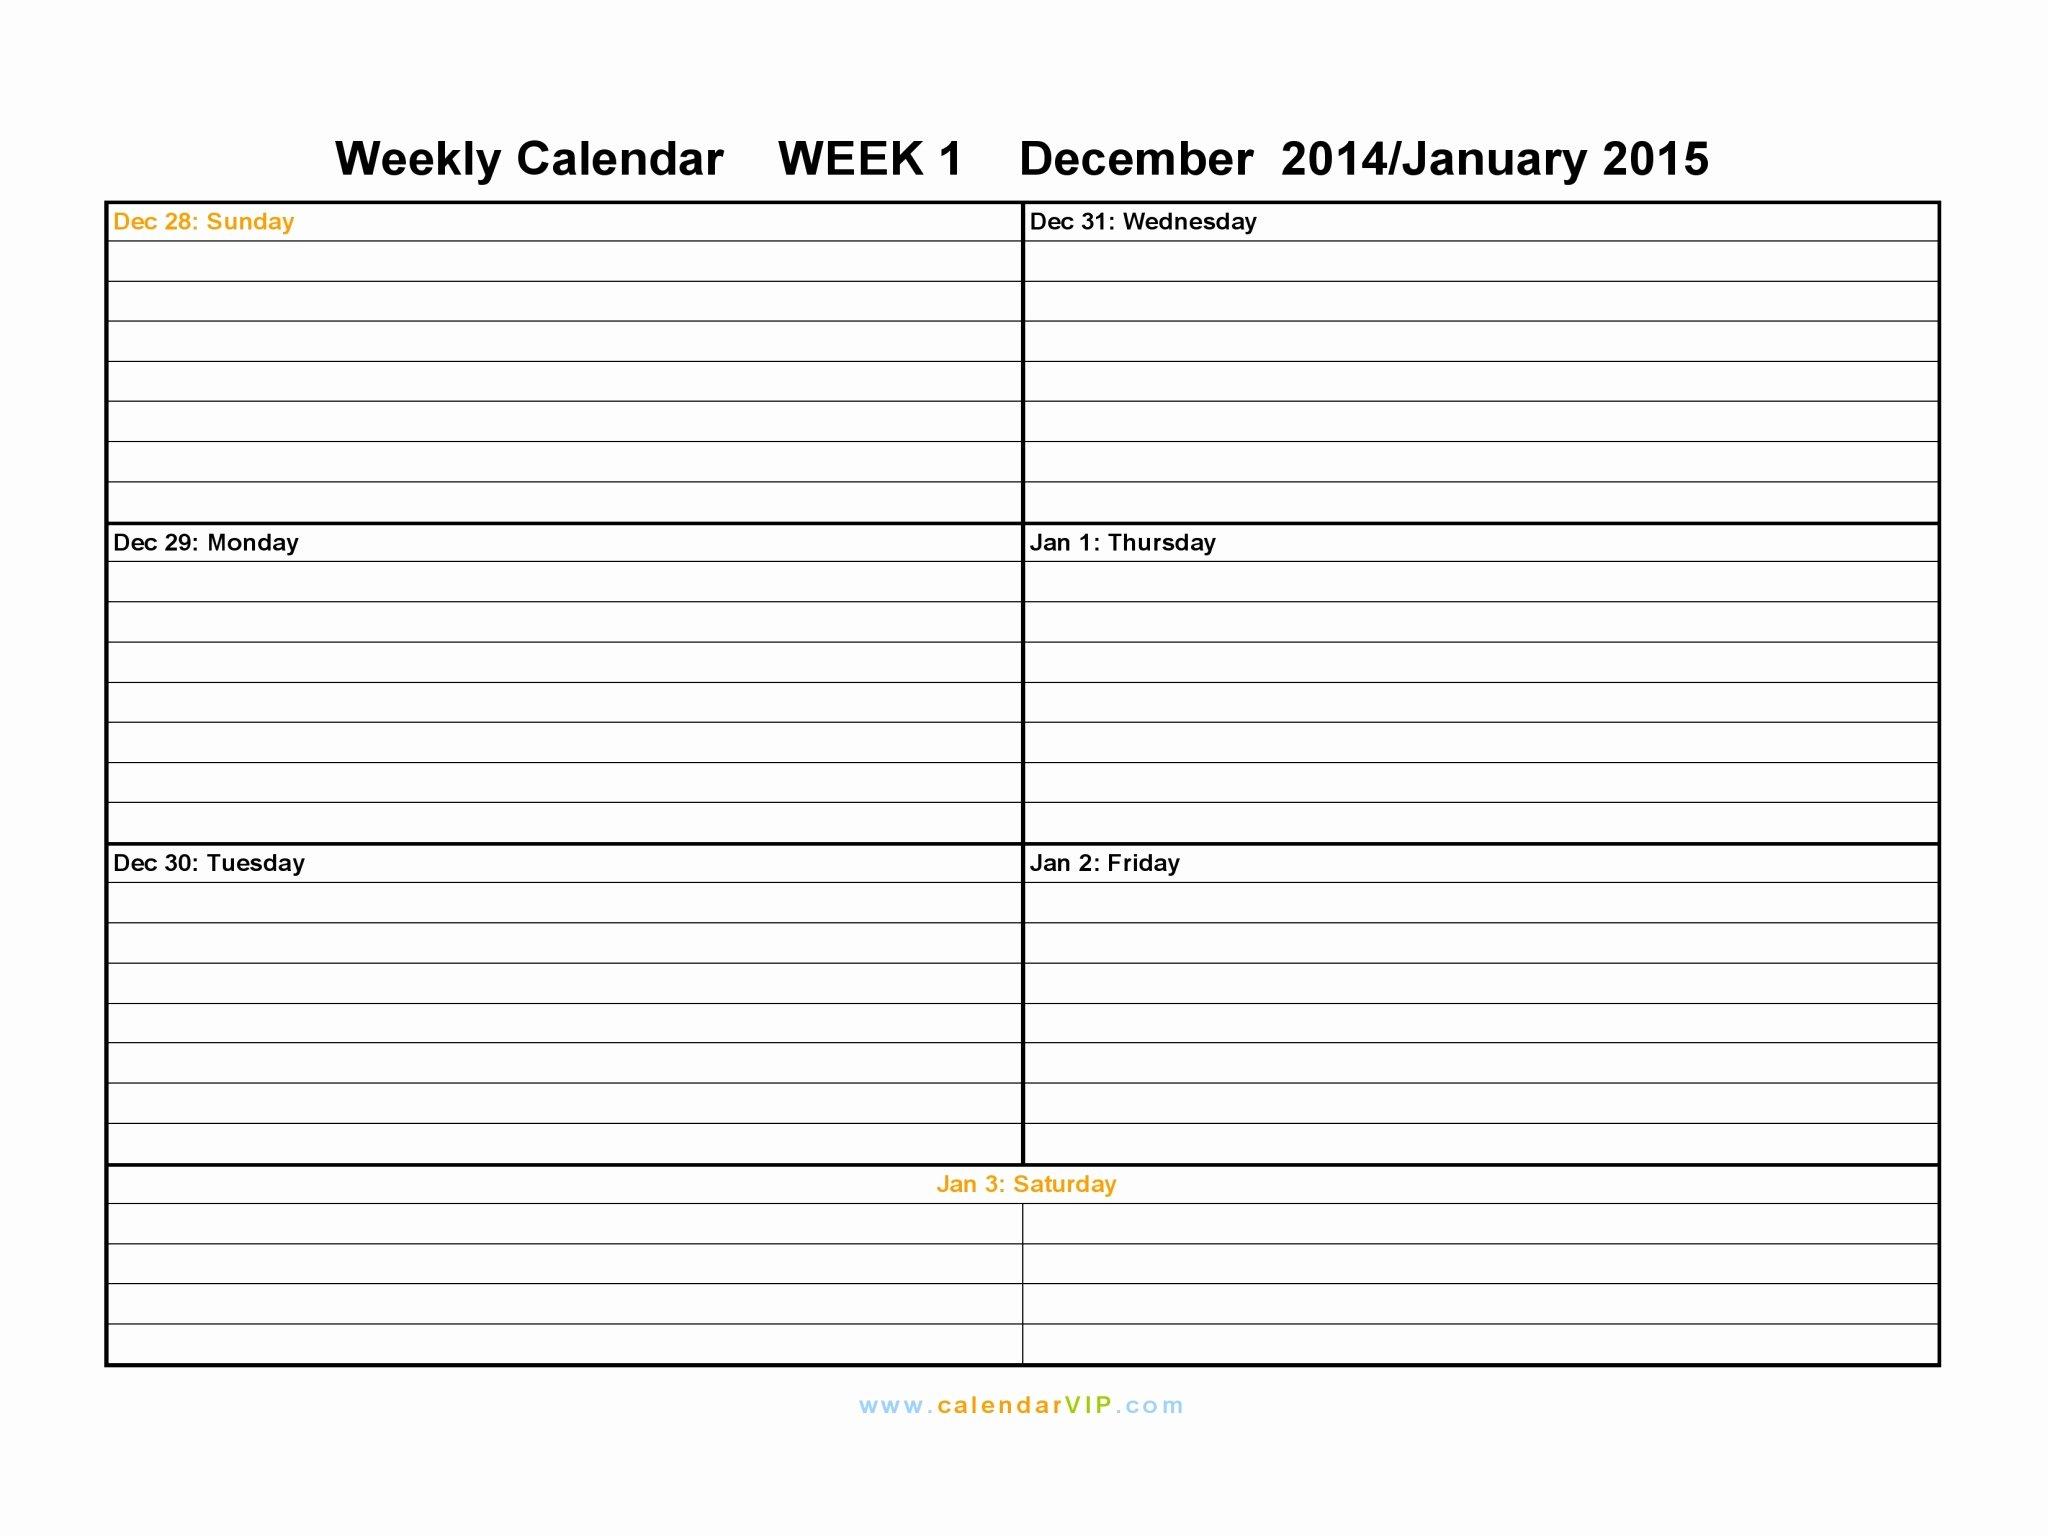 Weekly Calendar Template Free